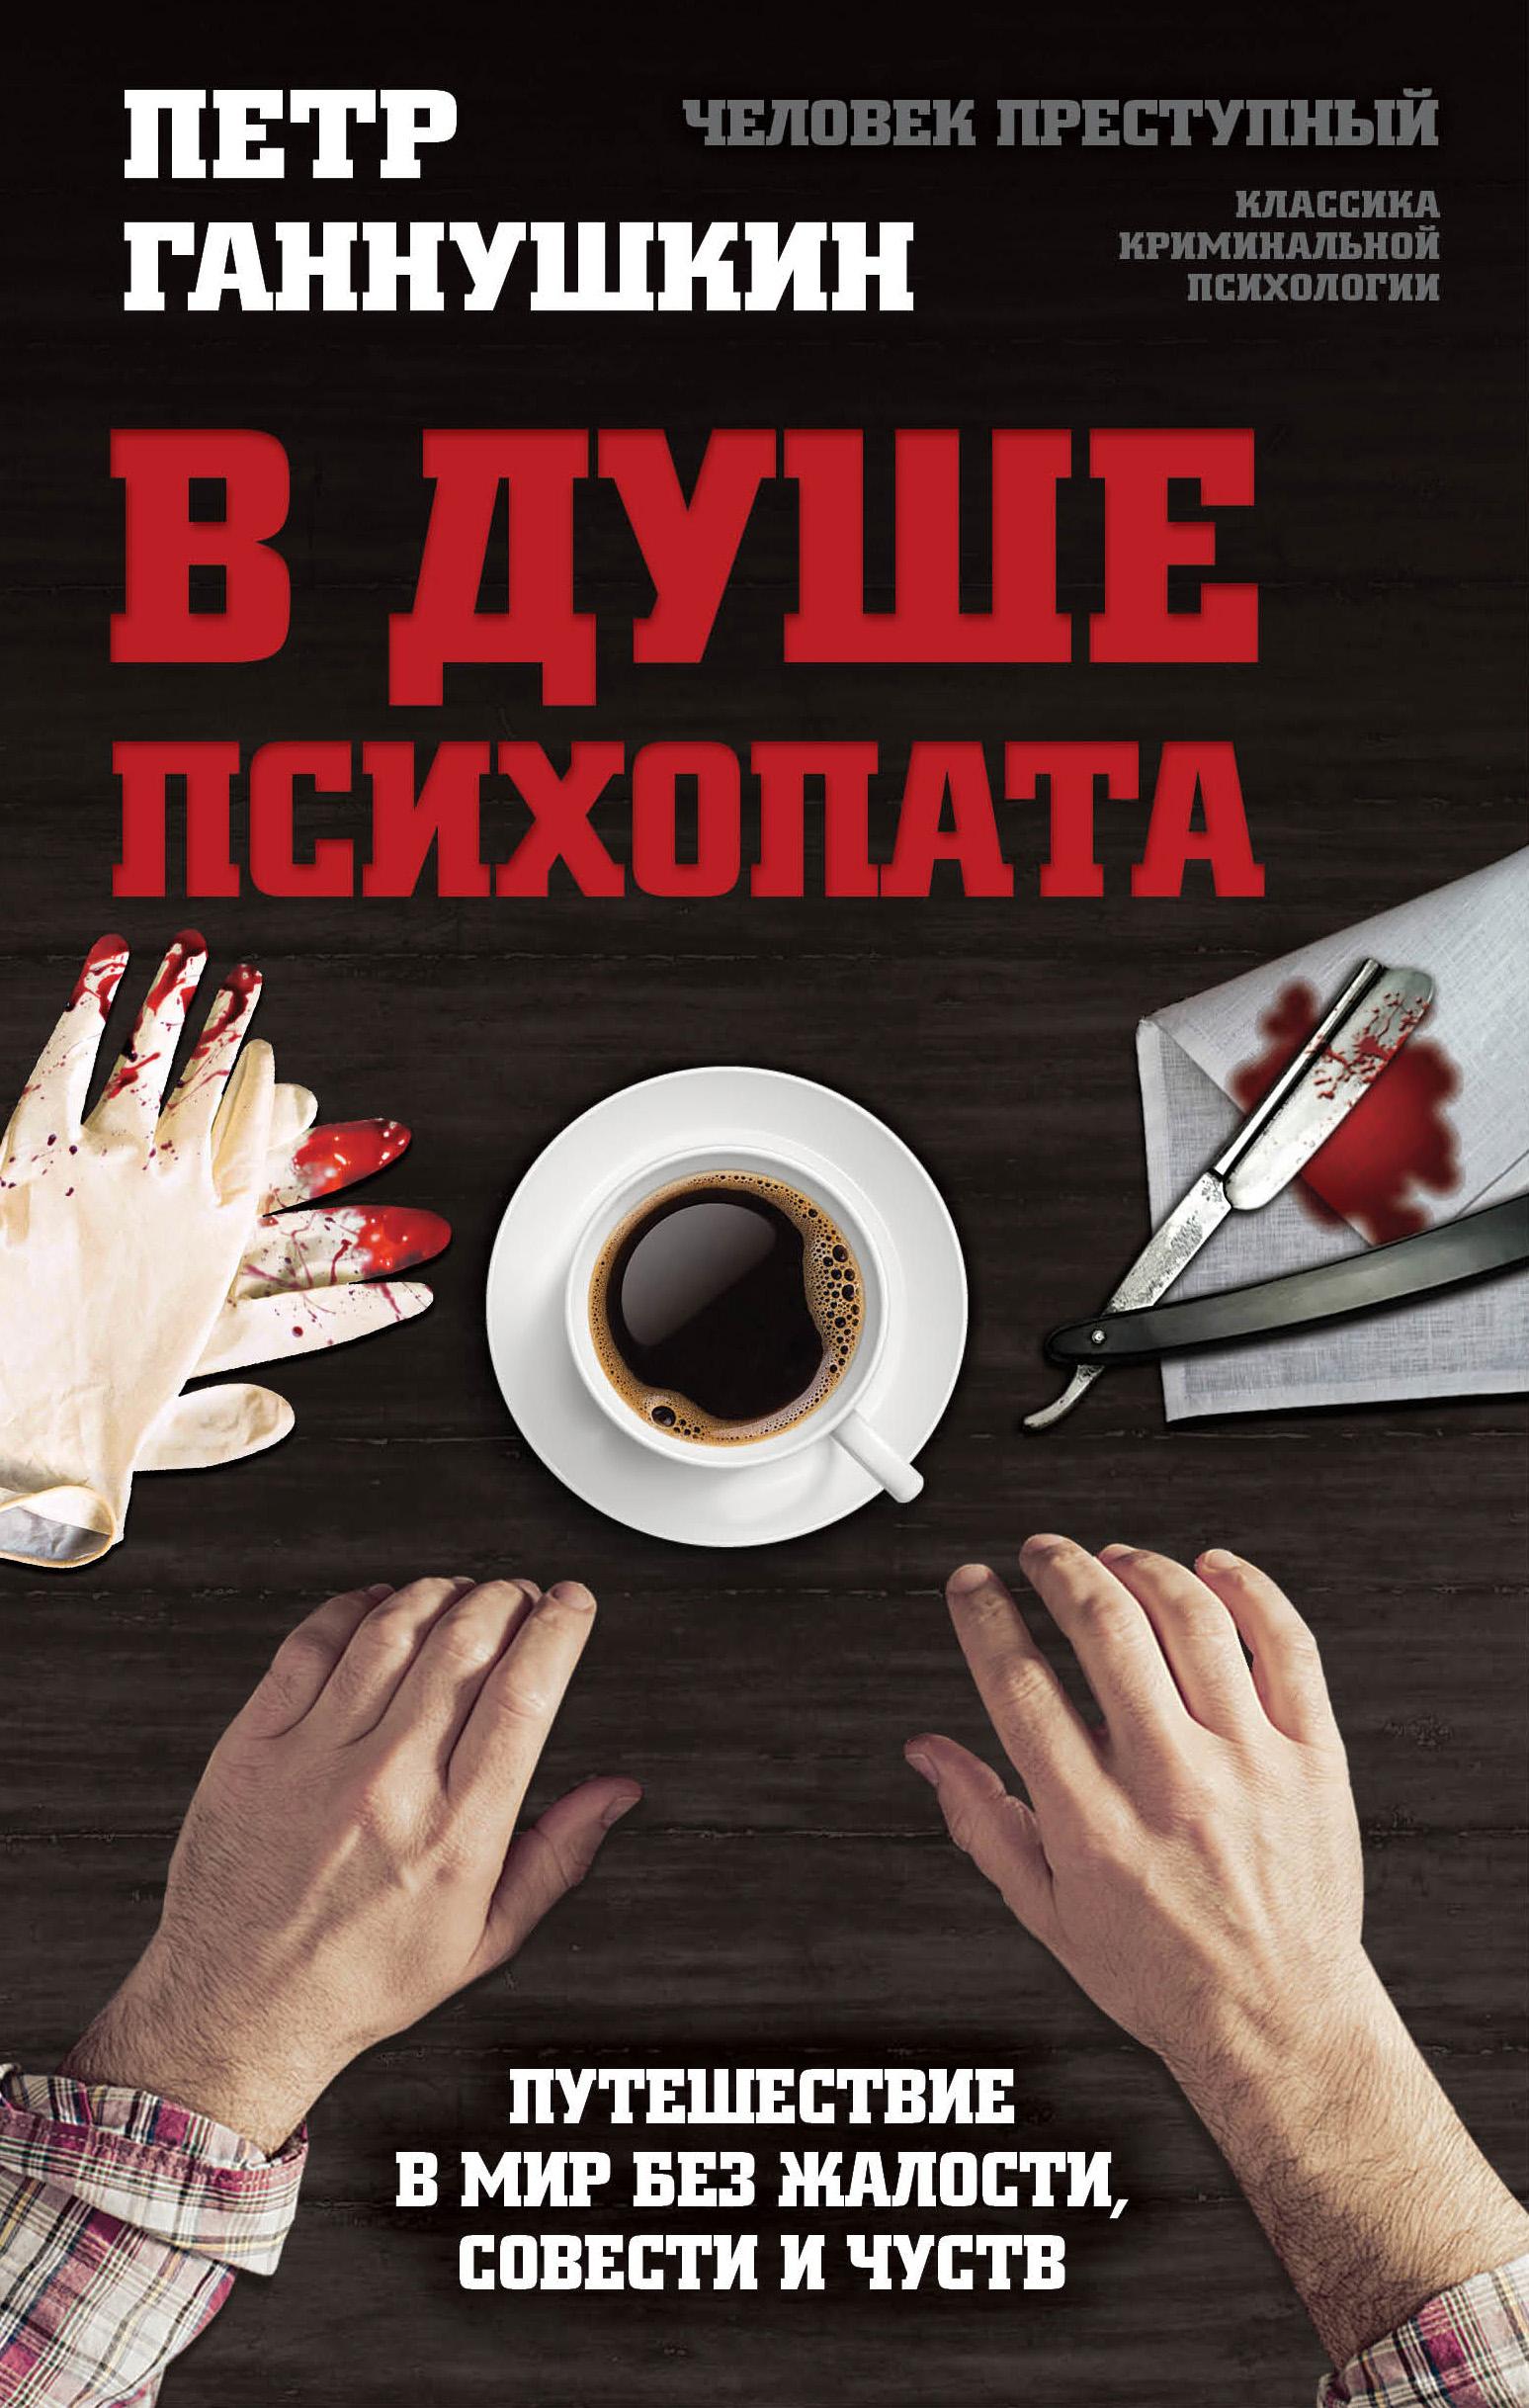 Петр Ганнушкин В душе психопата. Путешествие в мир без жалости, совести и чувств